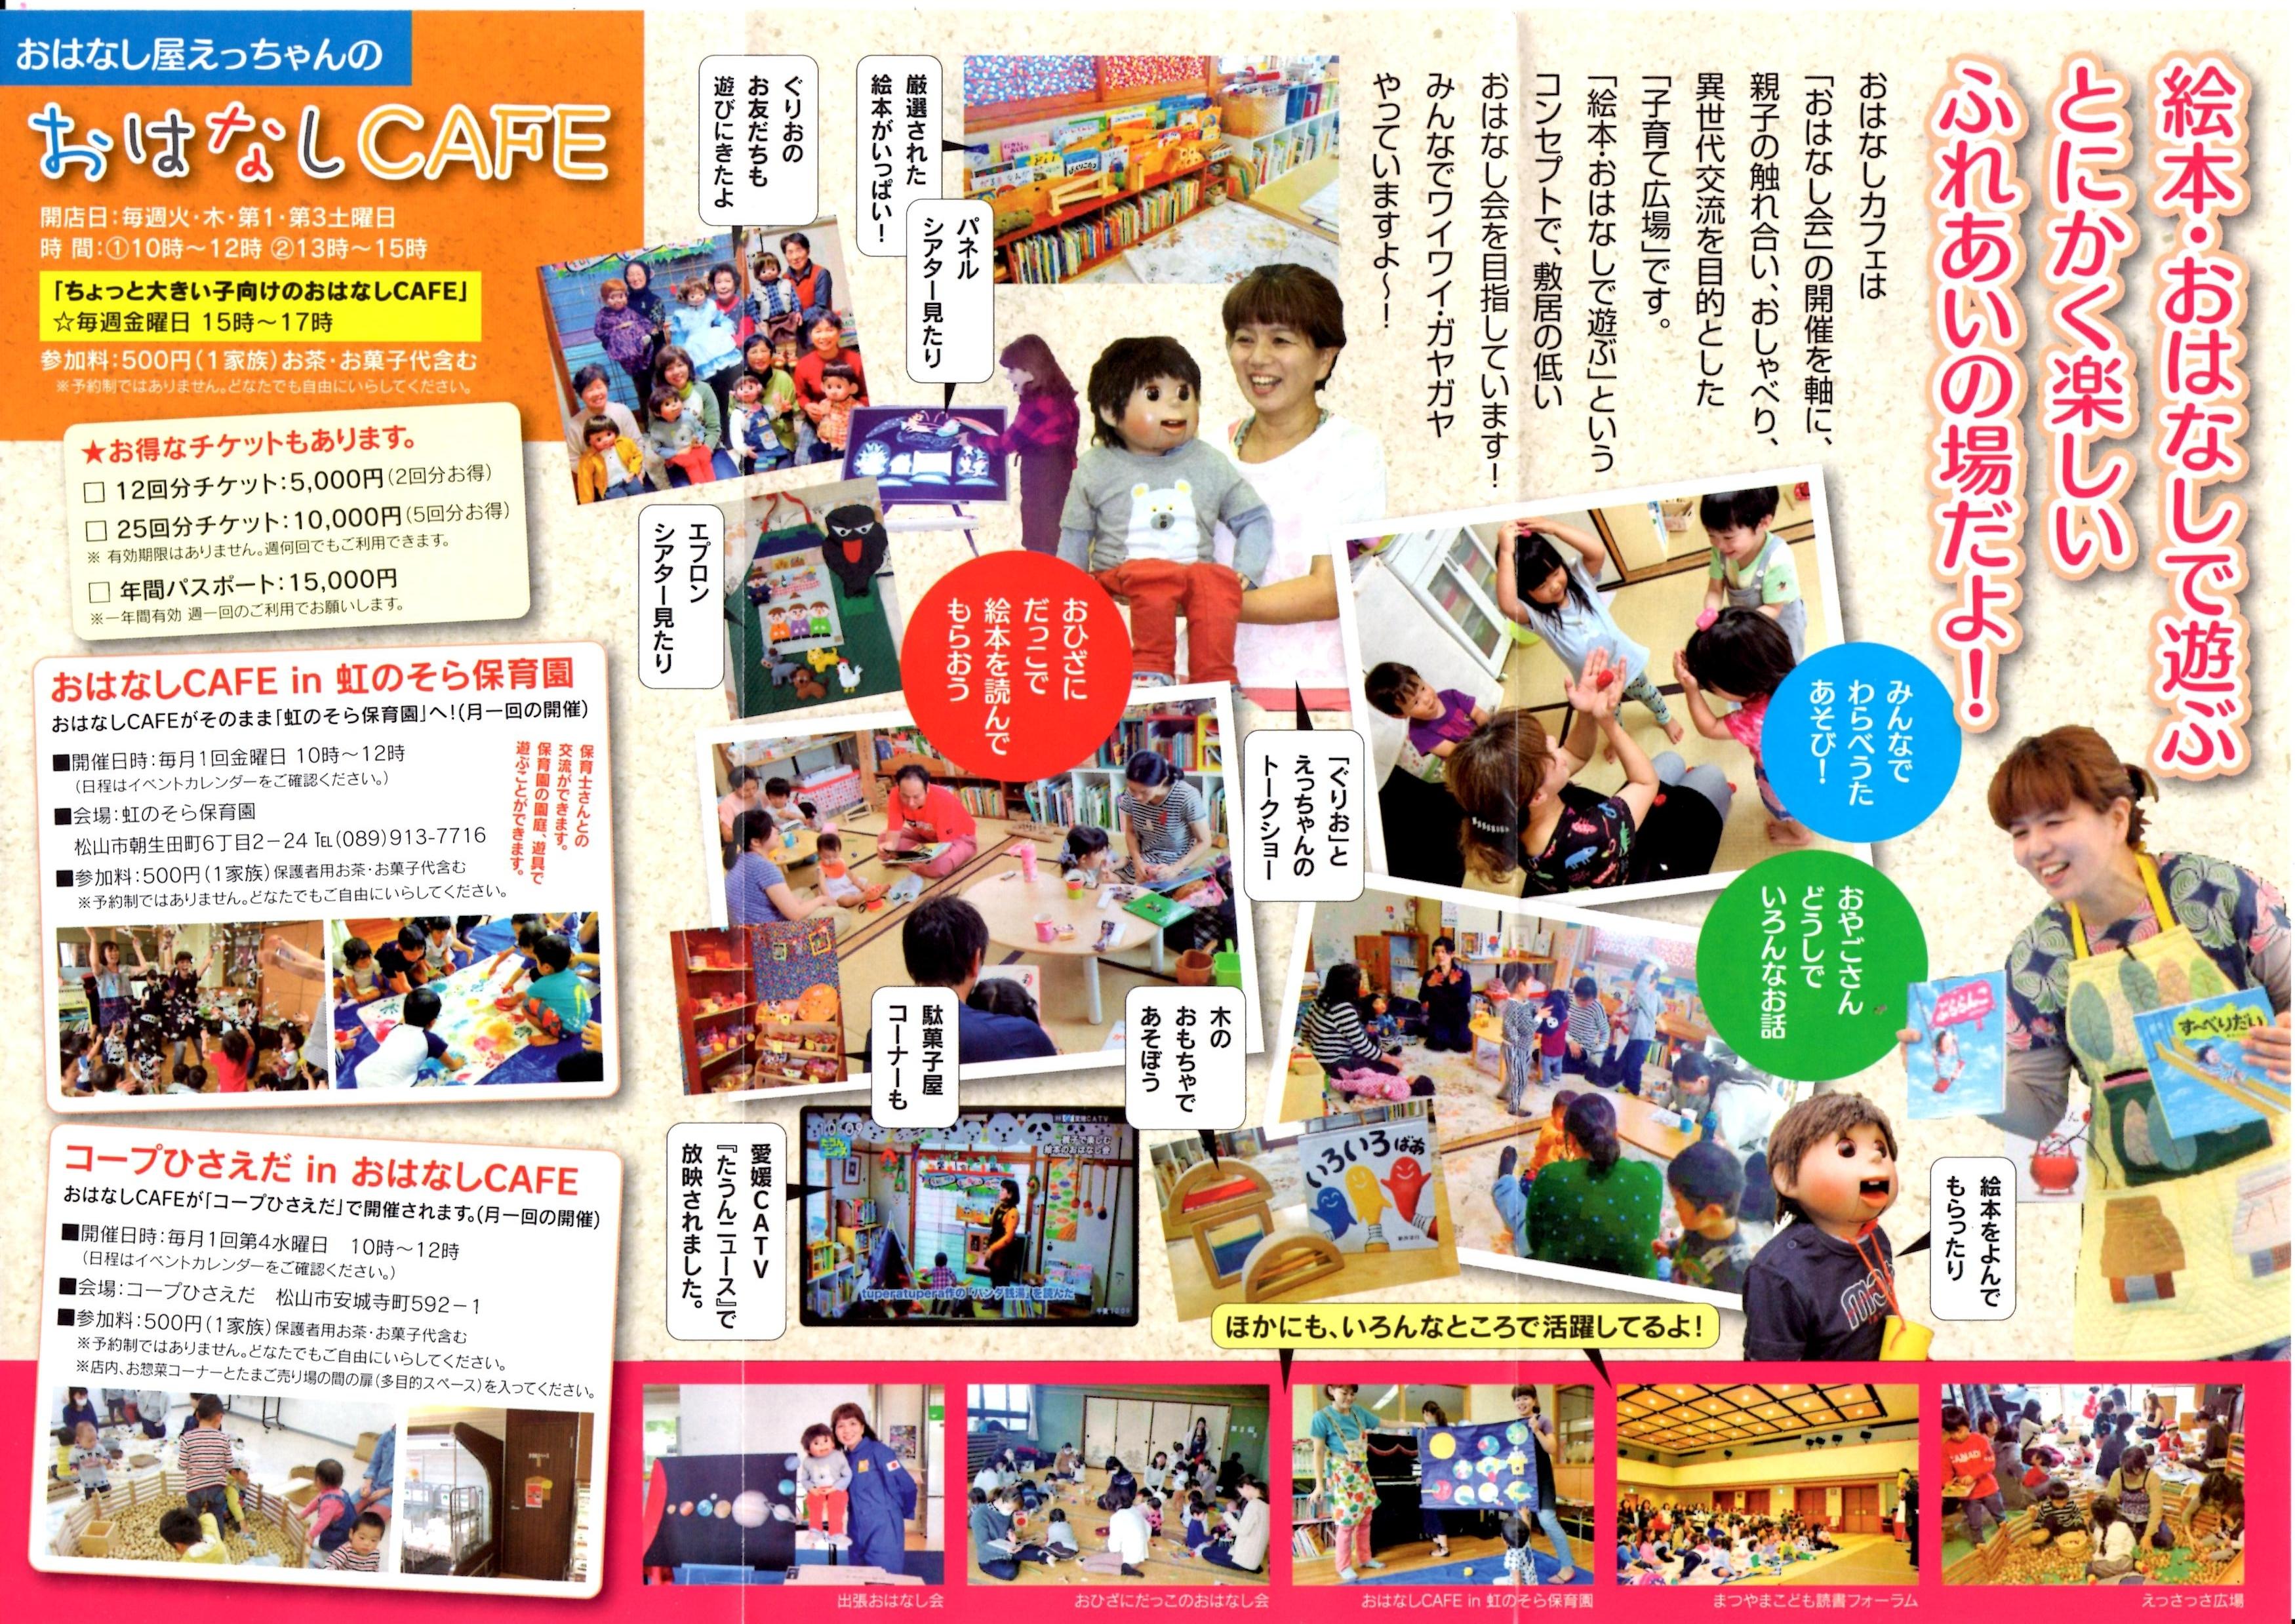 えっちゃんのおはなしCAFE5周年記念イベント!行ってきたよ